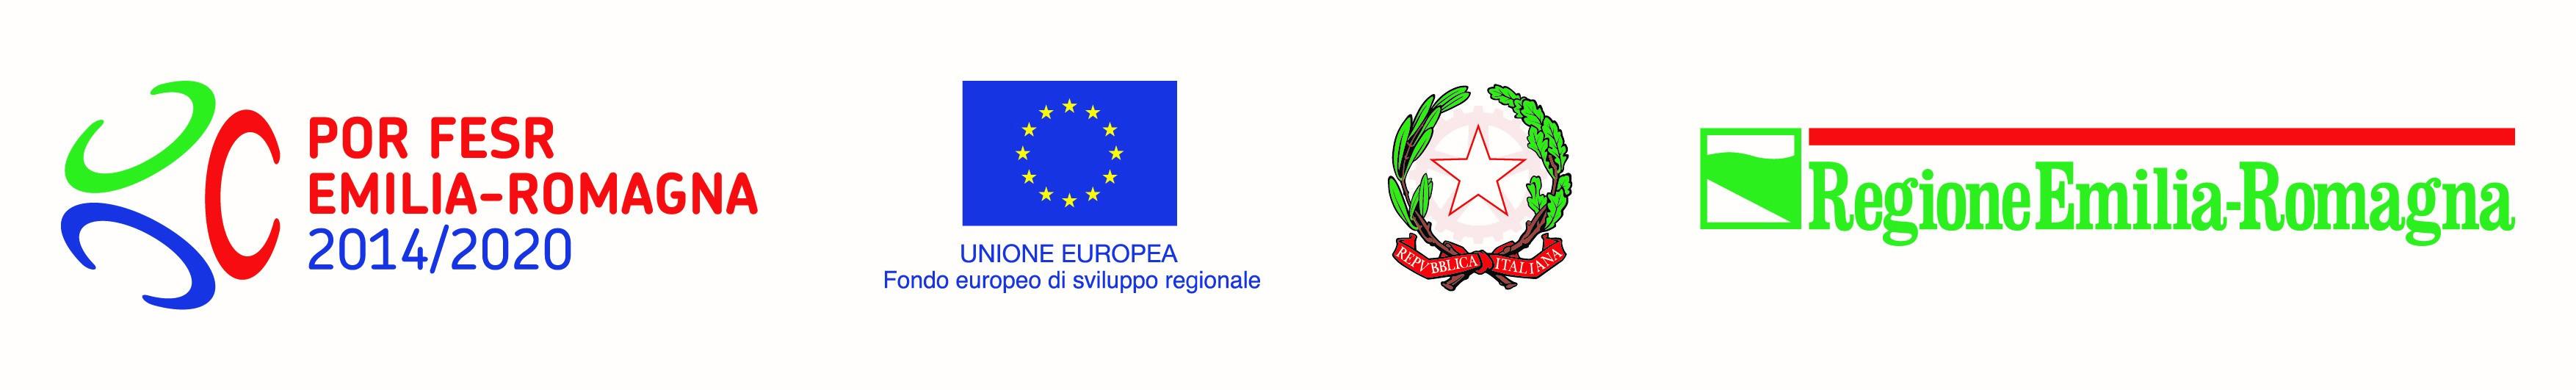 Progetto realizzato grazie al contributo della regione Emilia Romagna.